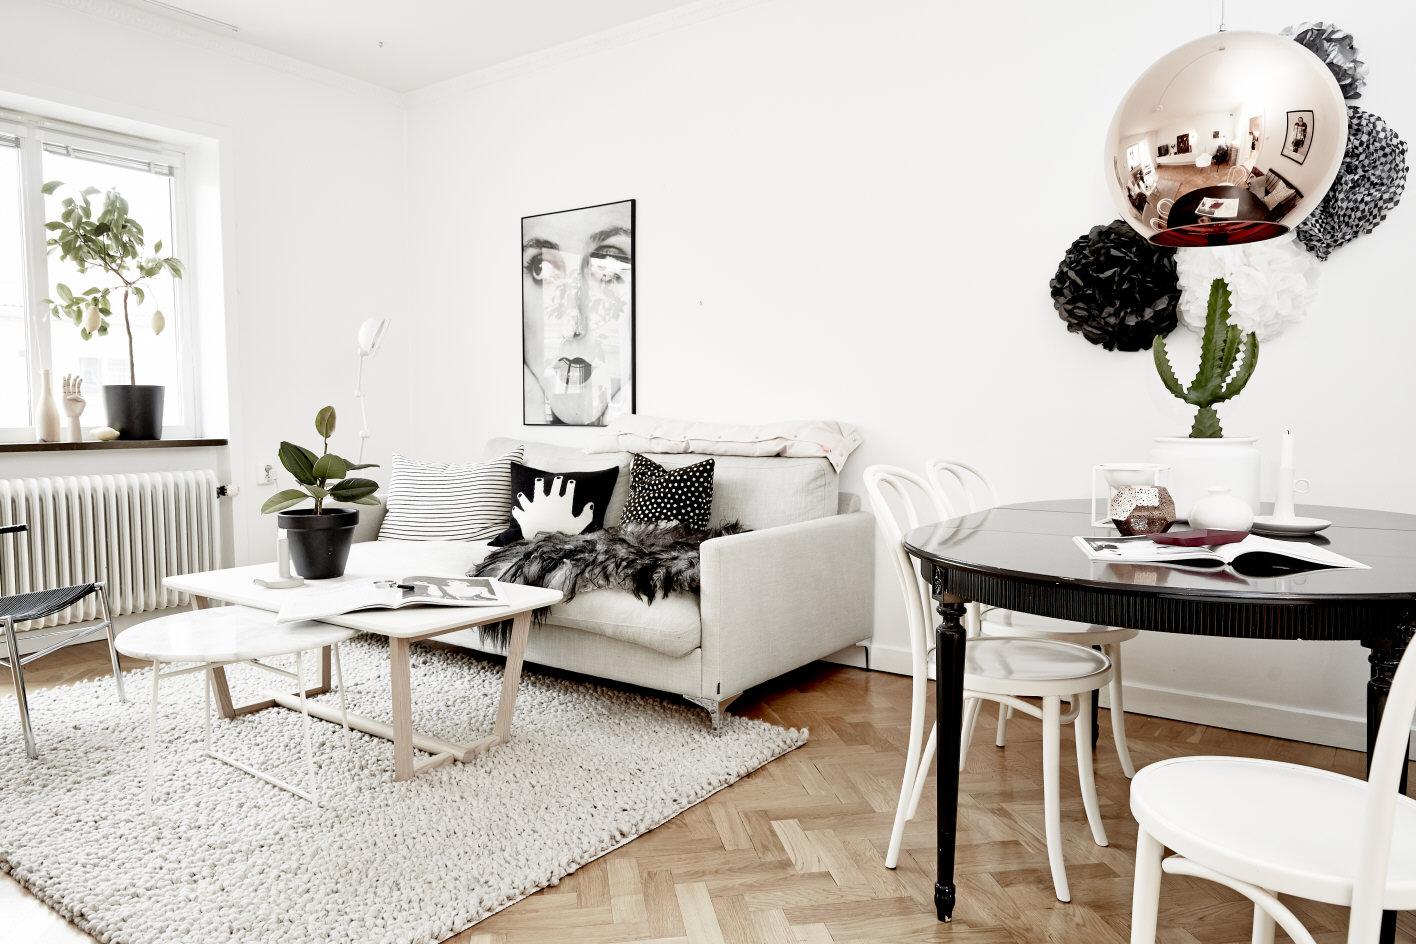 muebles de diseo nrdico de cortes finos y madera pulida muebles de diseo nrdico minimalismo nrdico